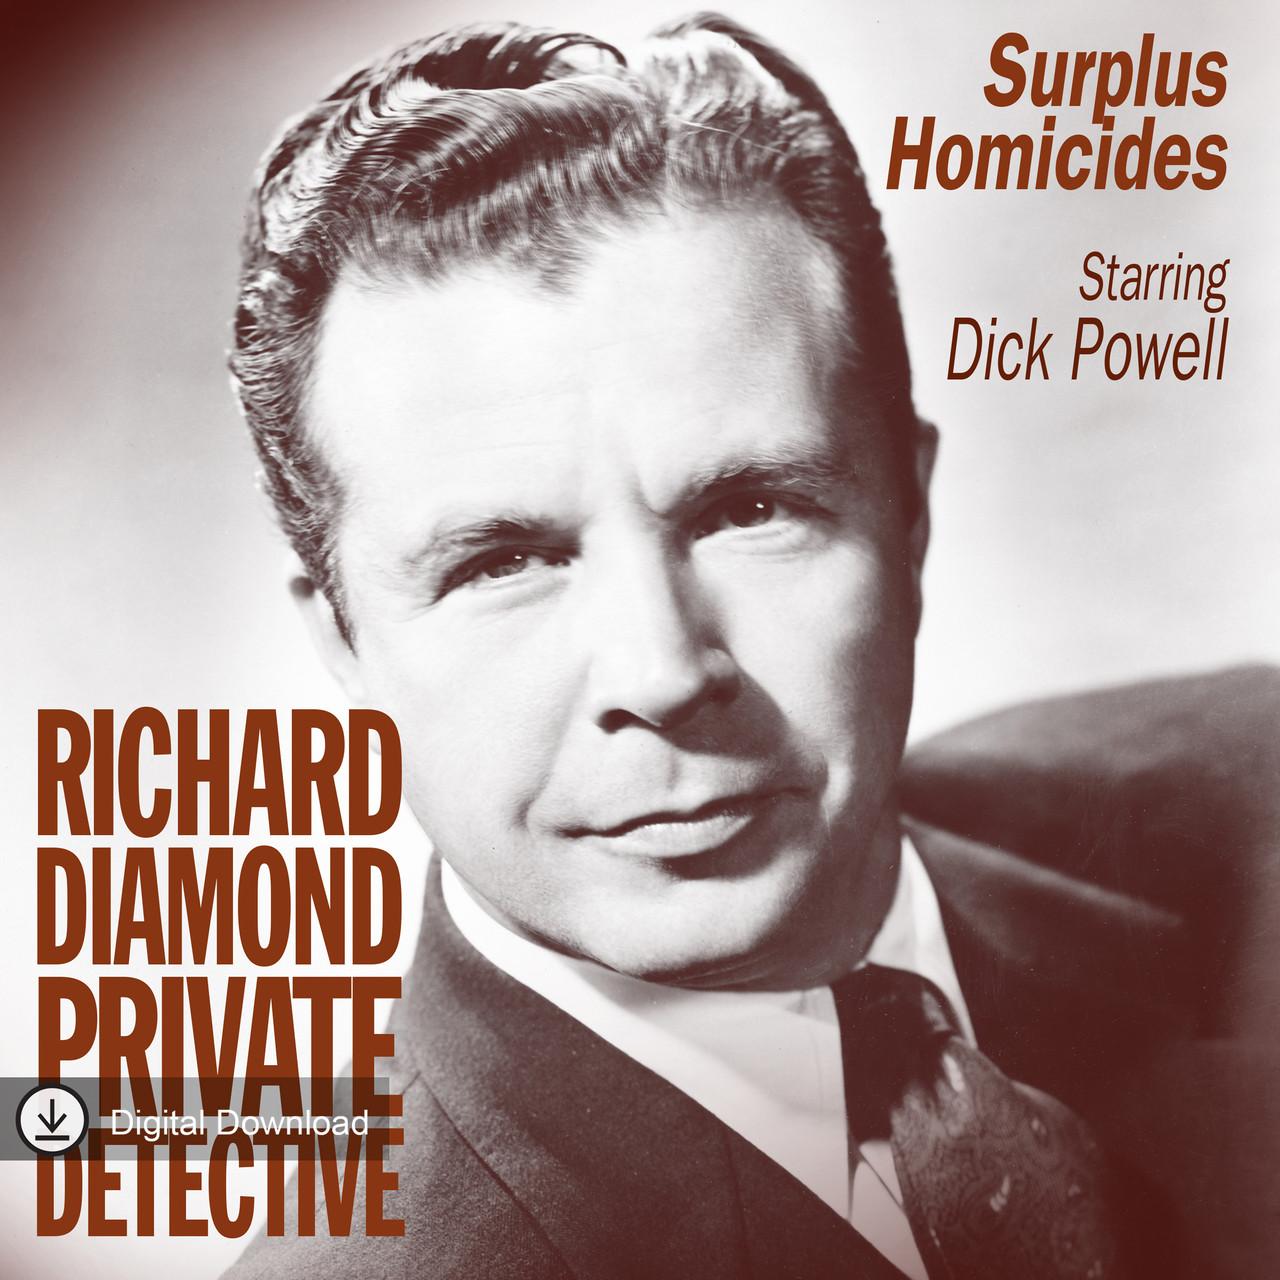 Richard Diamond: Surplus Homicides (MP3 Download)